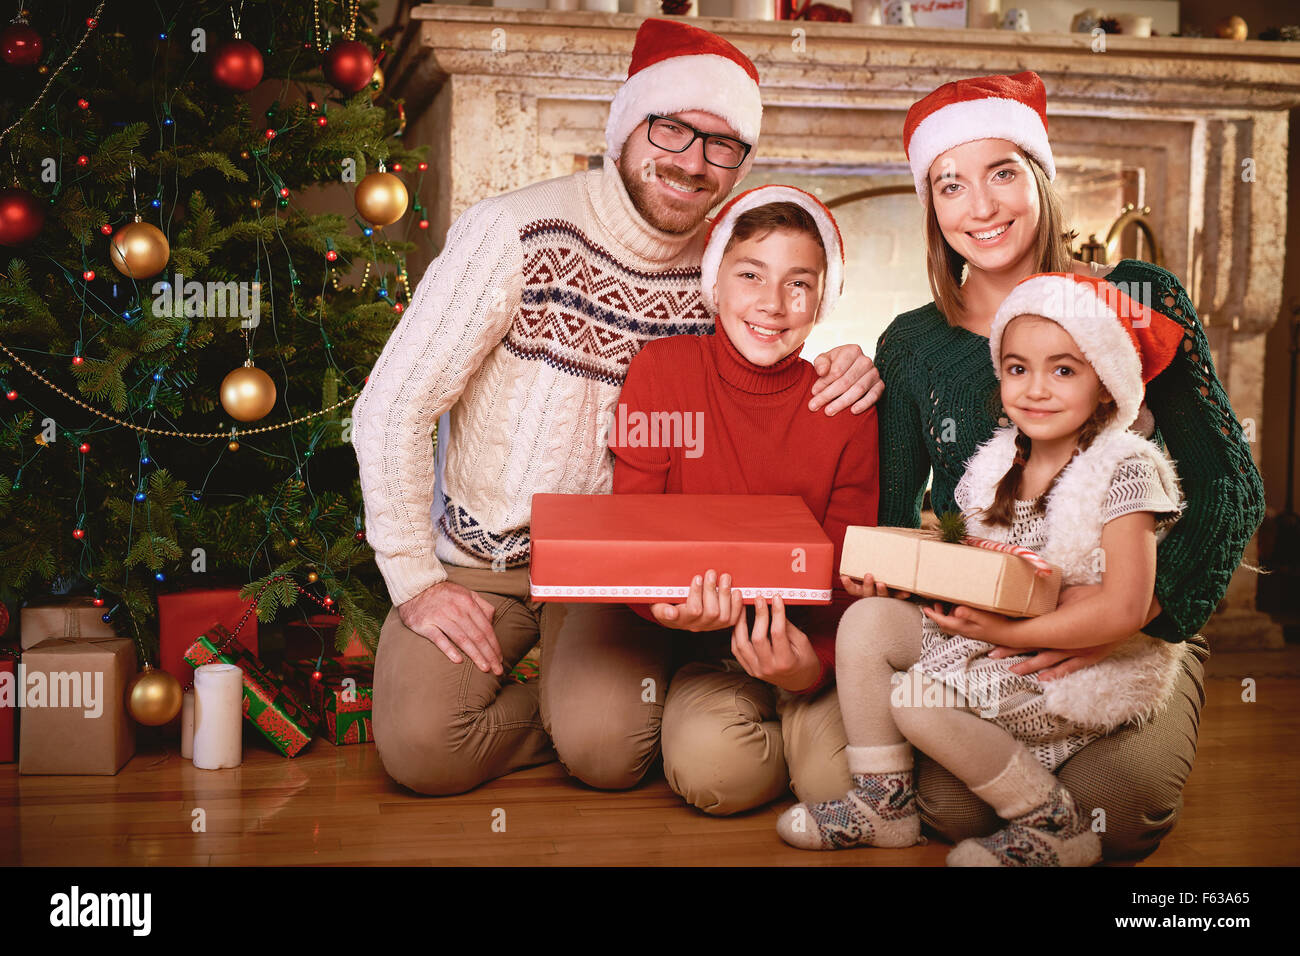 La famiglia felice in Santa caps guardando la fotocamera da albero di Natale Immagini Stock